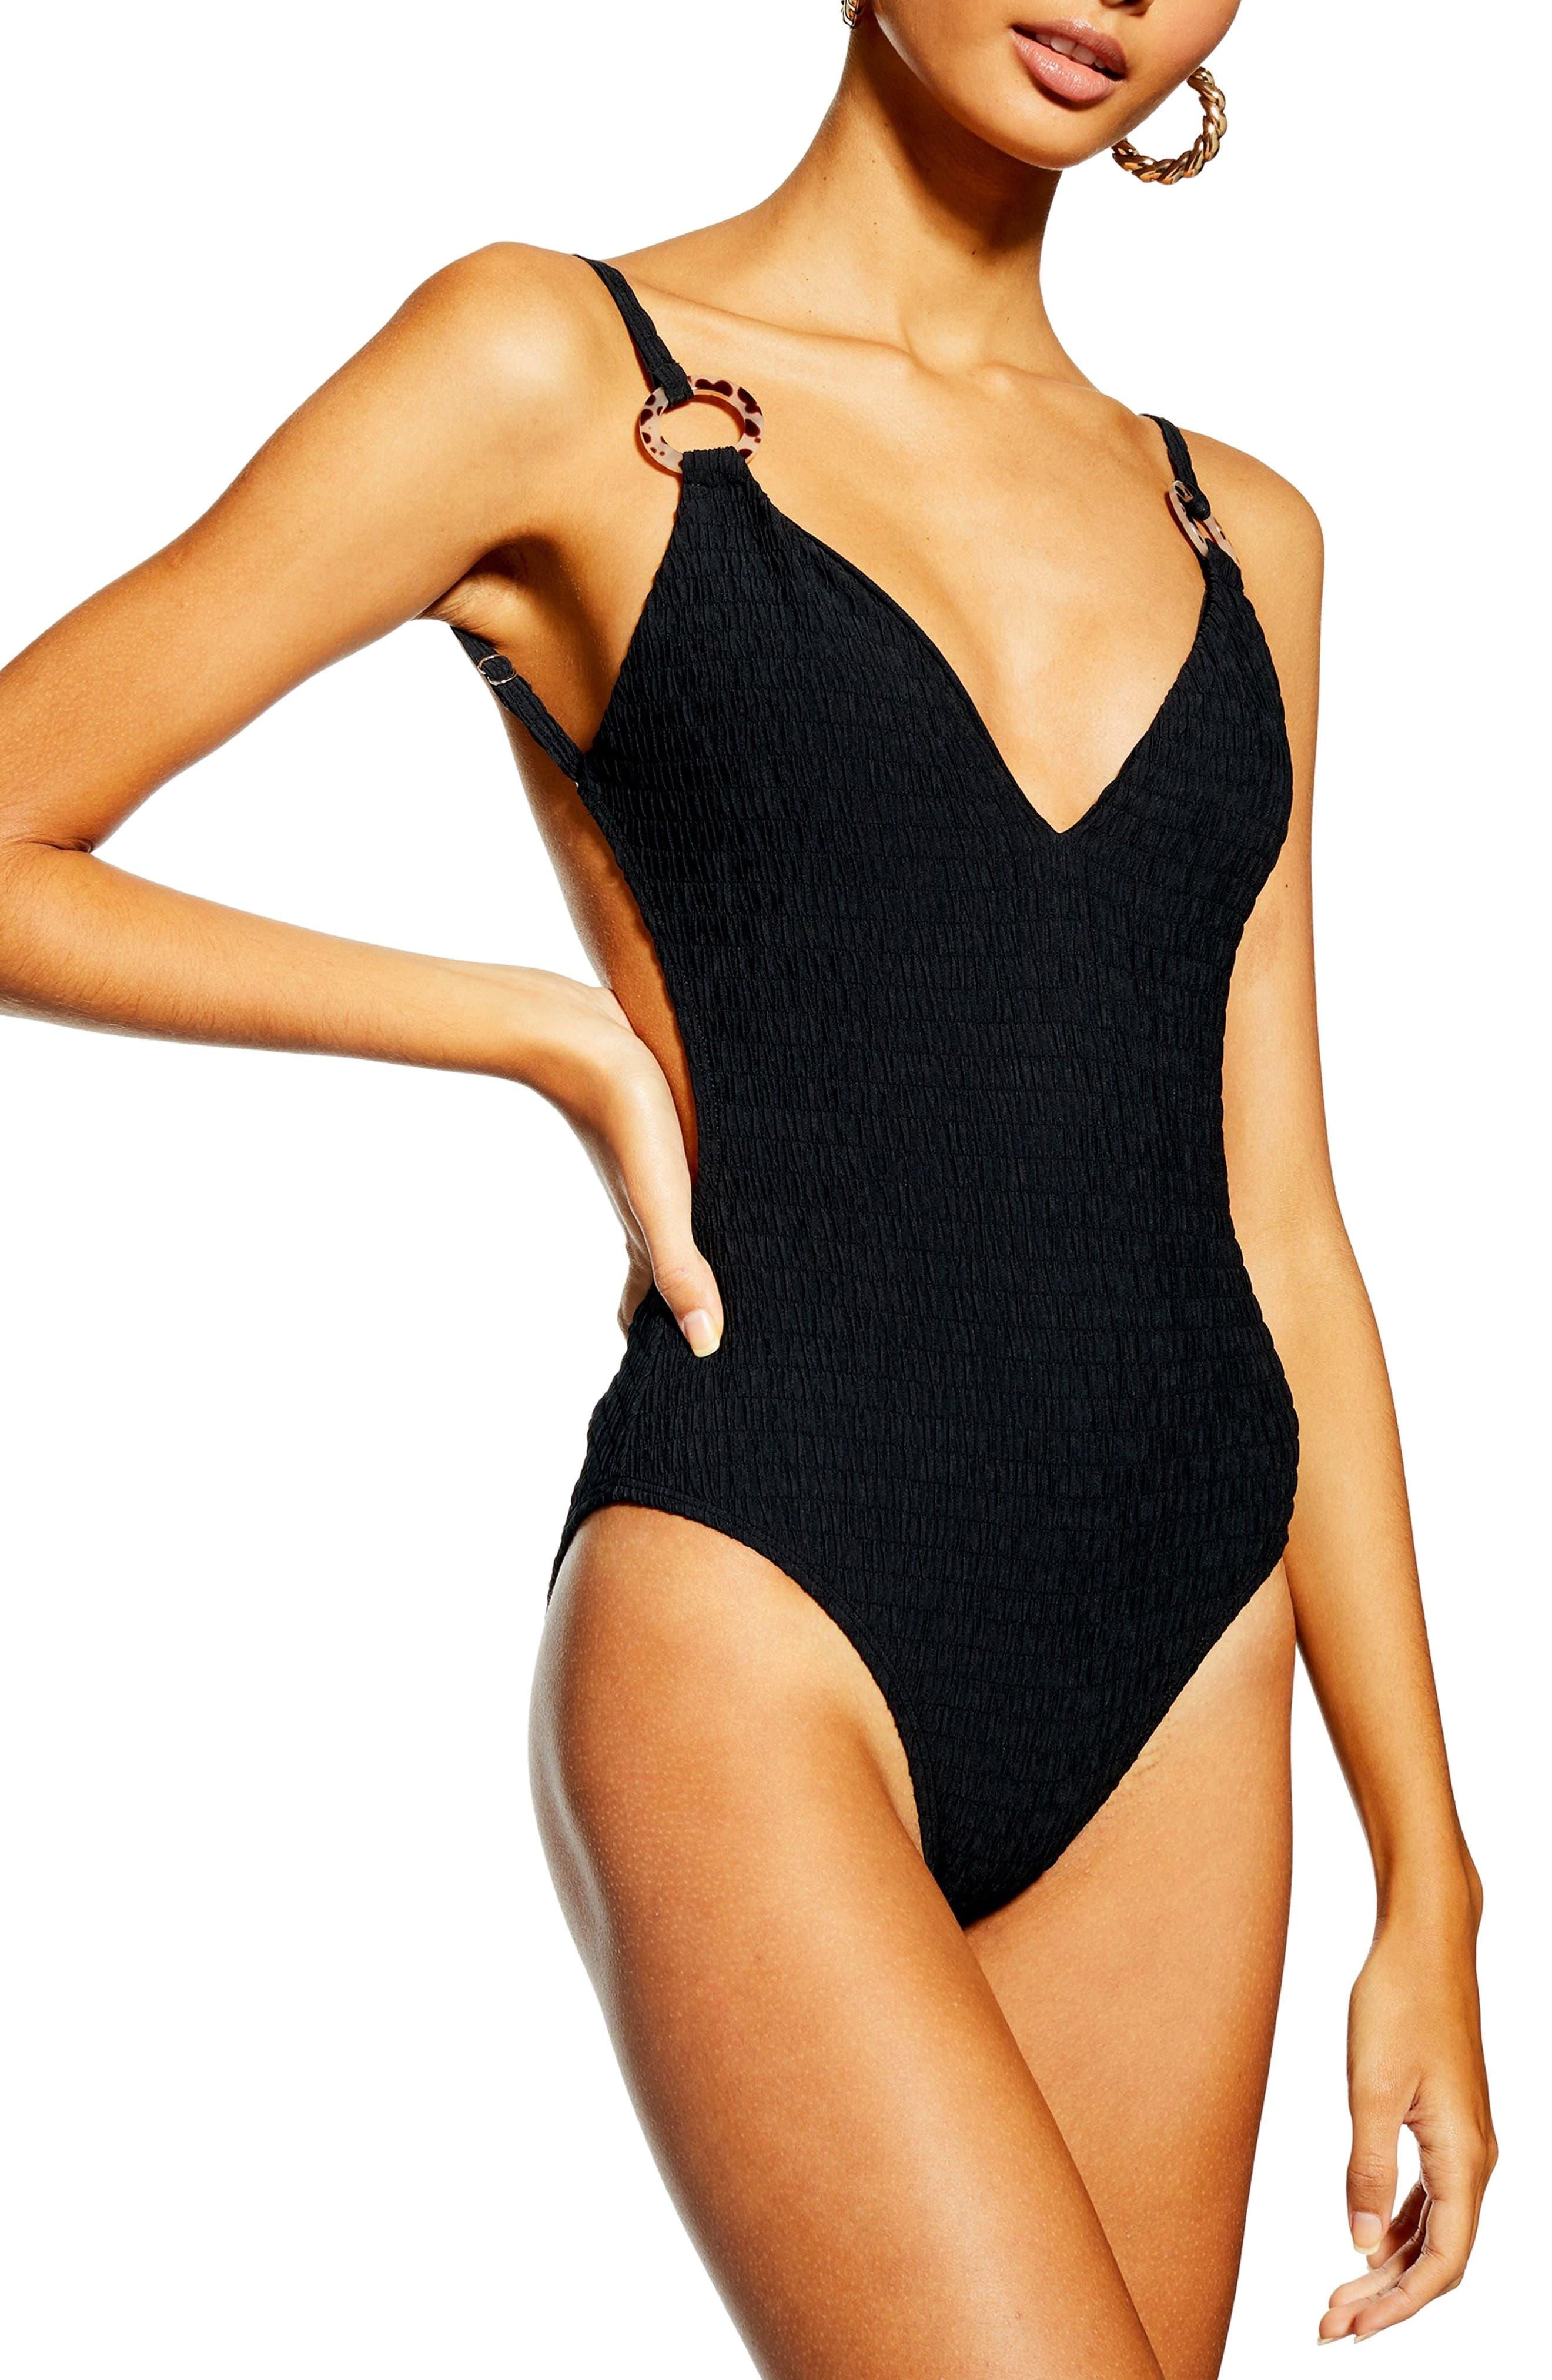 TOPSHOP,                             Plunge One-Piece Swimsuit,                             Main thumbnail 1, color,                             BLACK